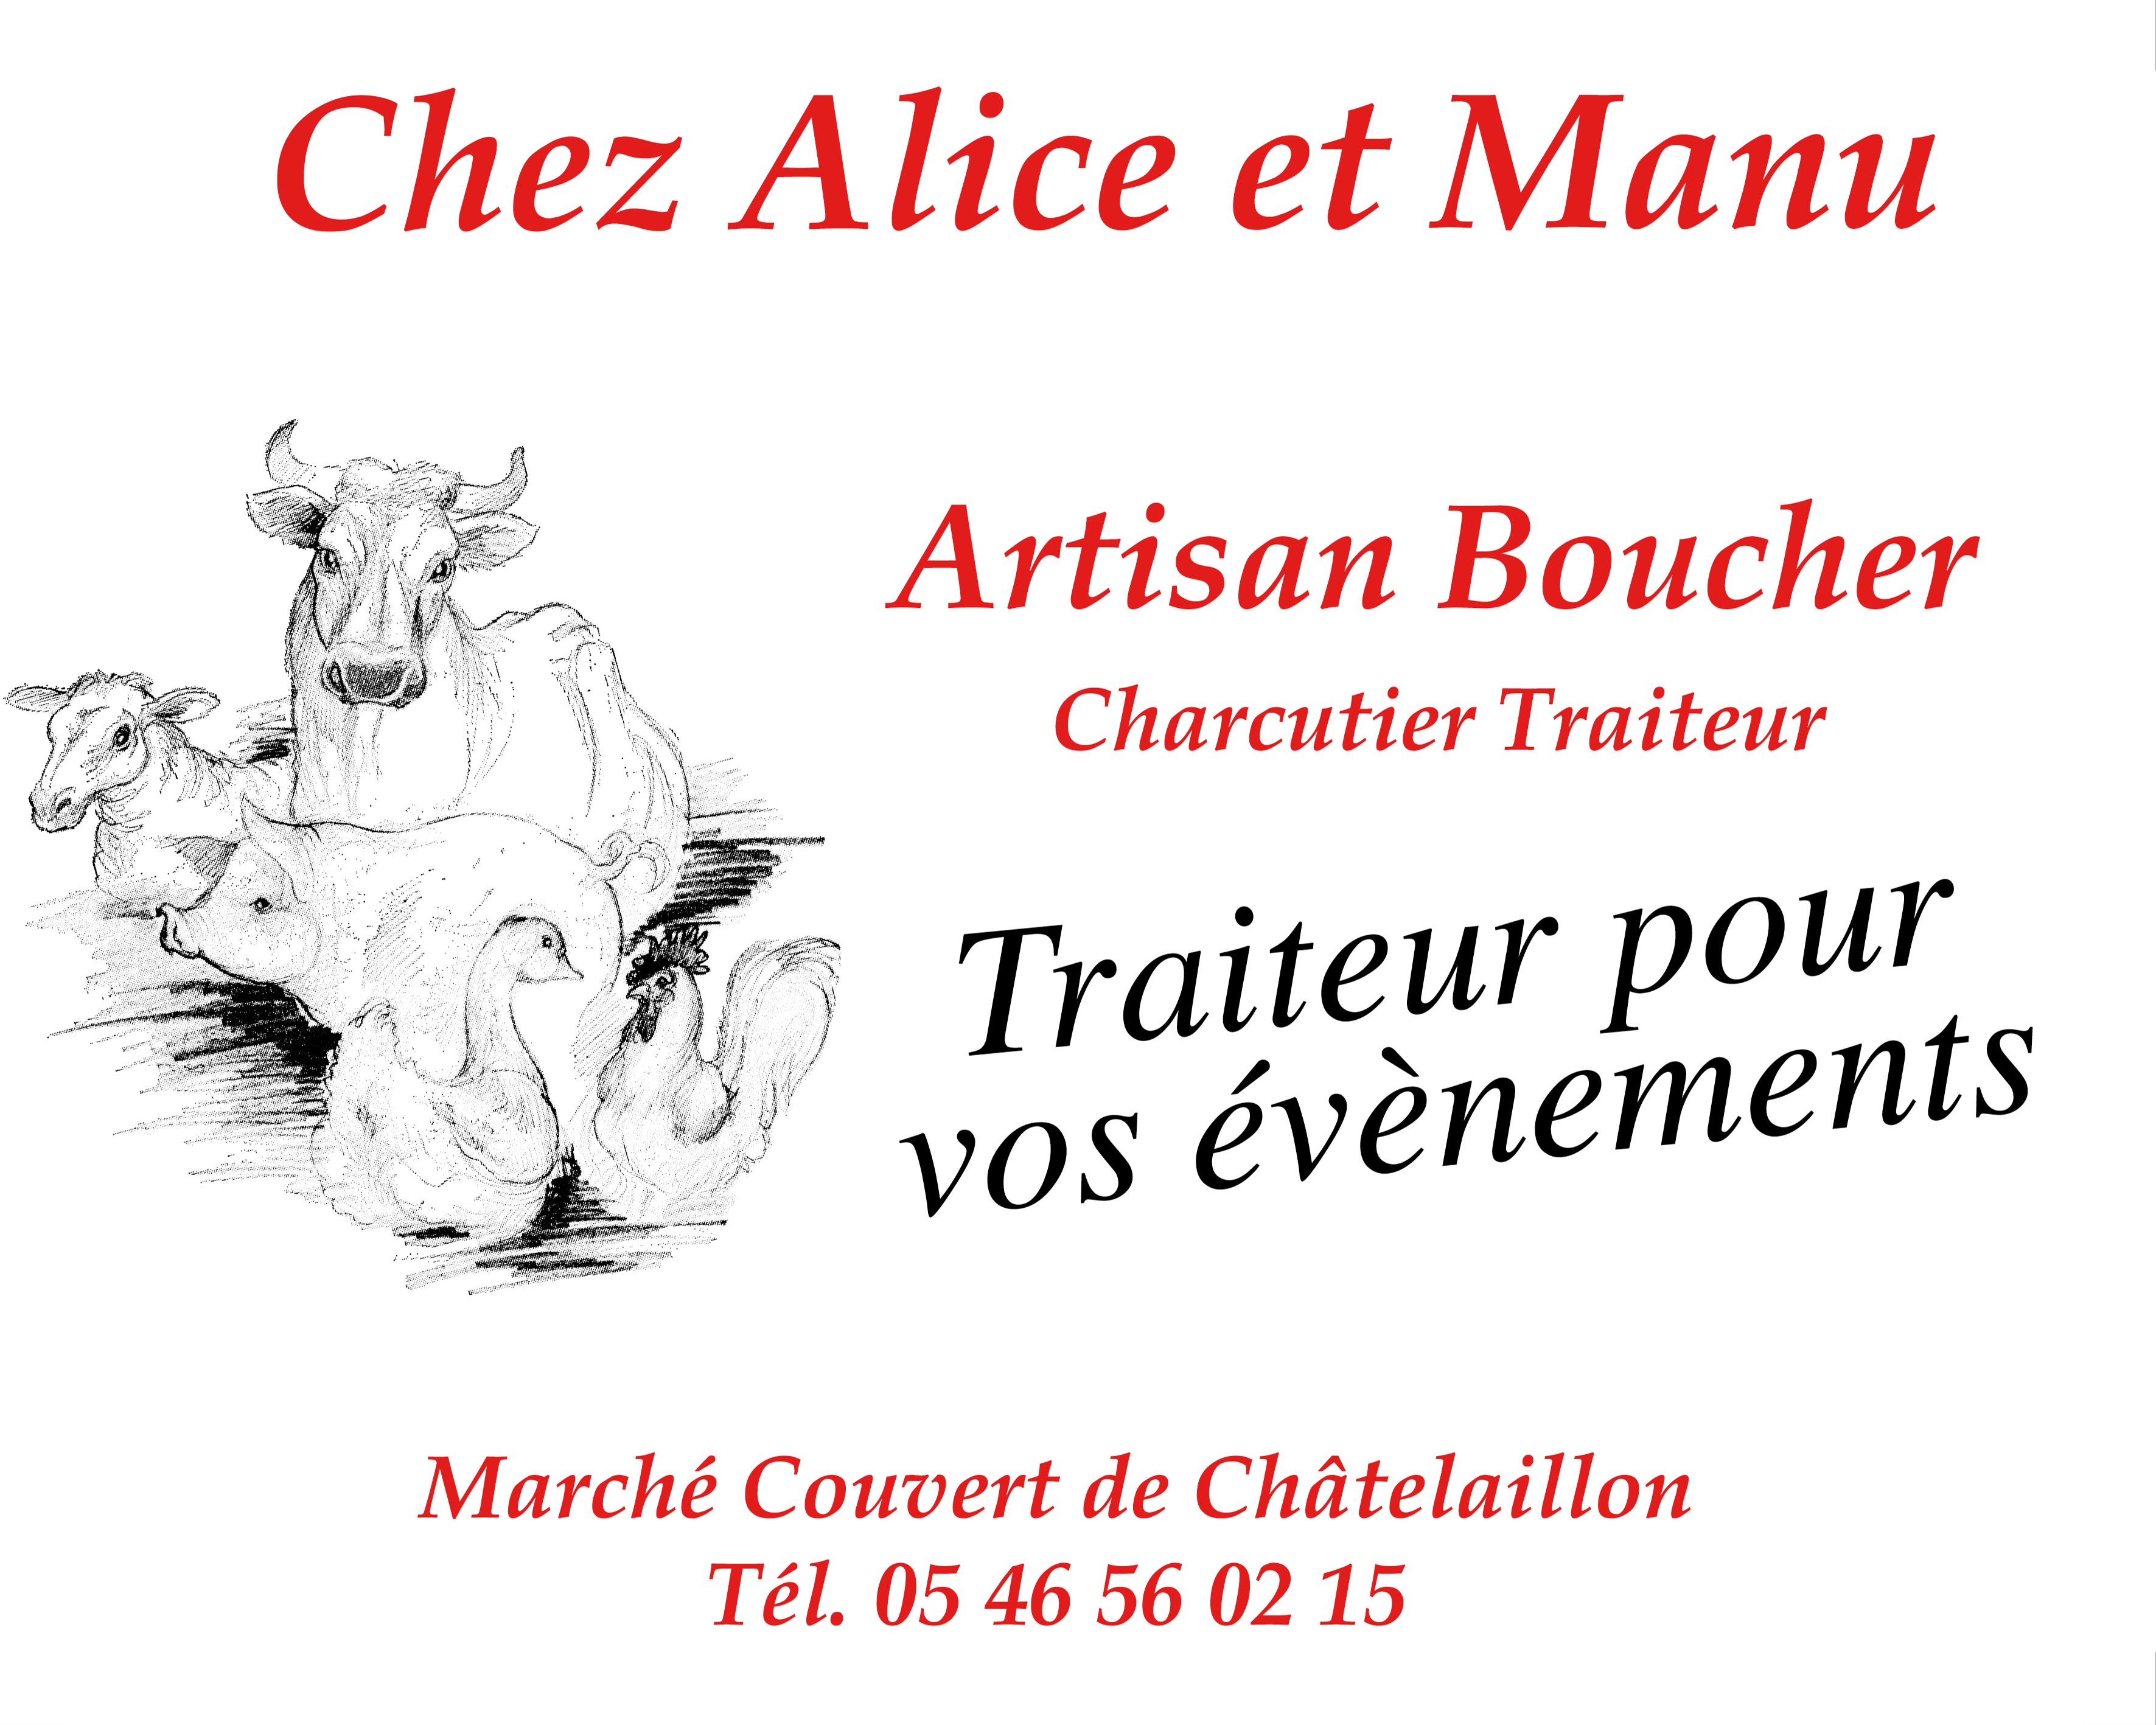 LOGO PARTENAIRE 24x30 Boucher